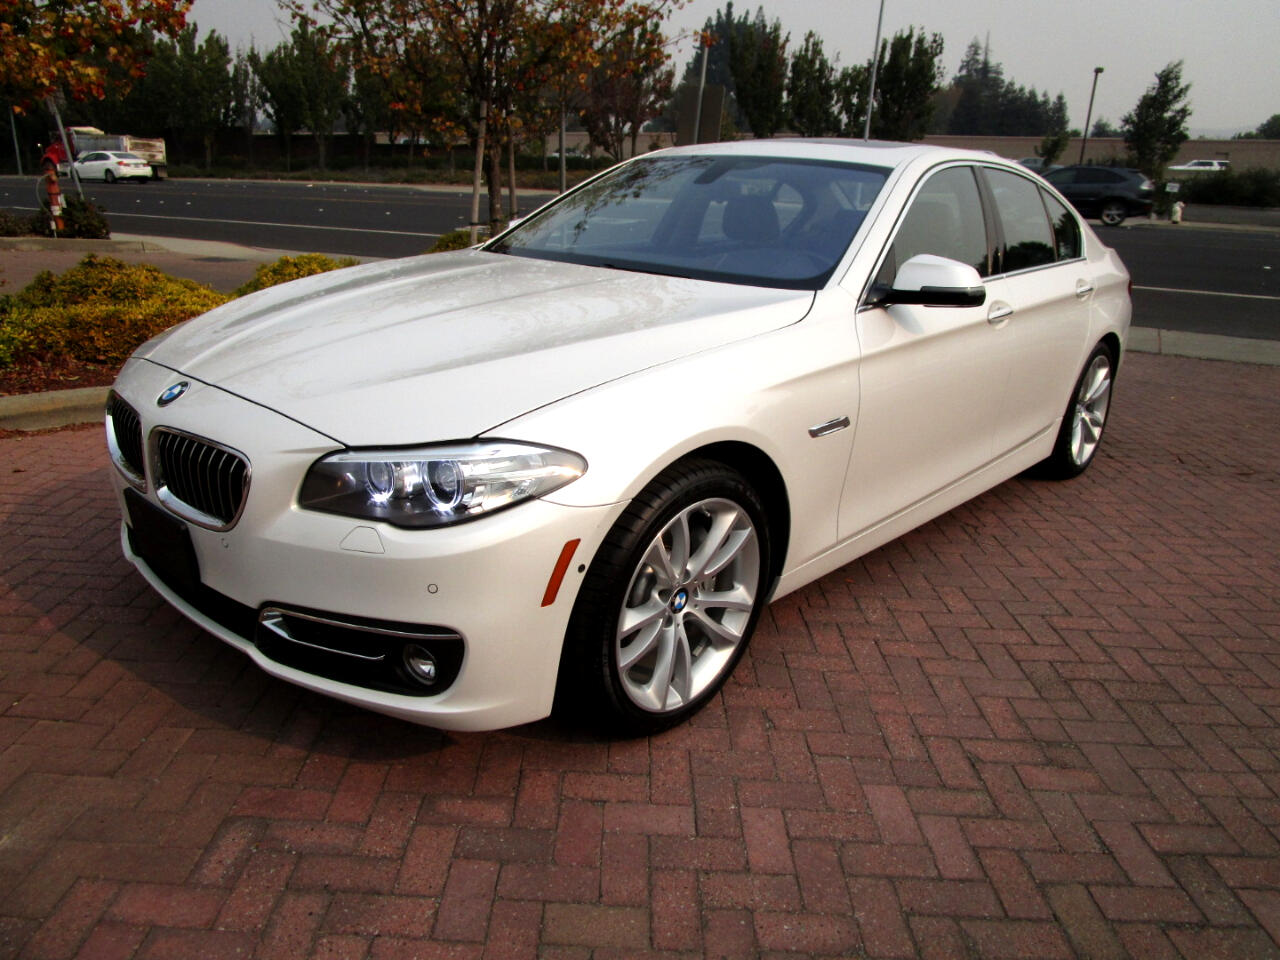 2015 BMW 535i xDrive PREM*LUX*CLD WTHR*HEAT F/R SEATS/STR WHL*DRVR ASST